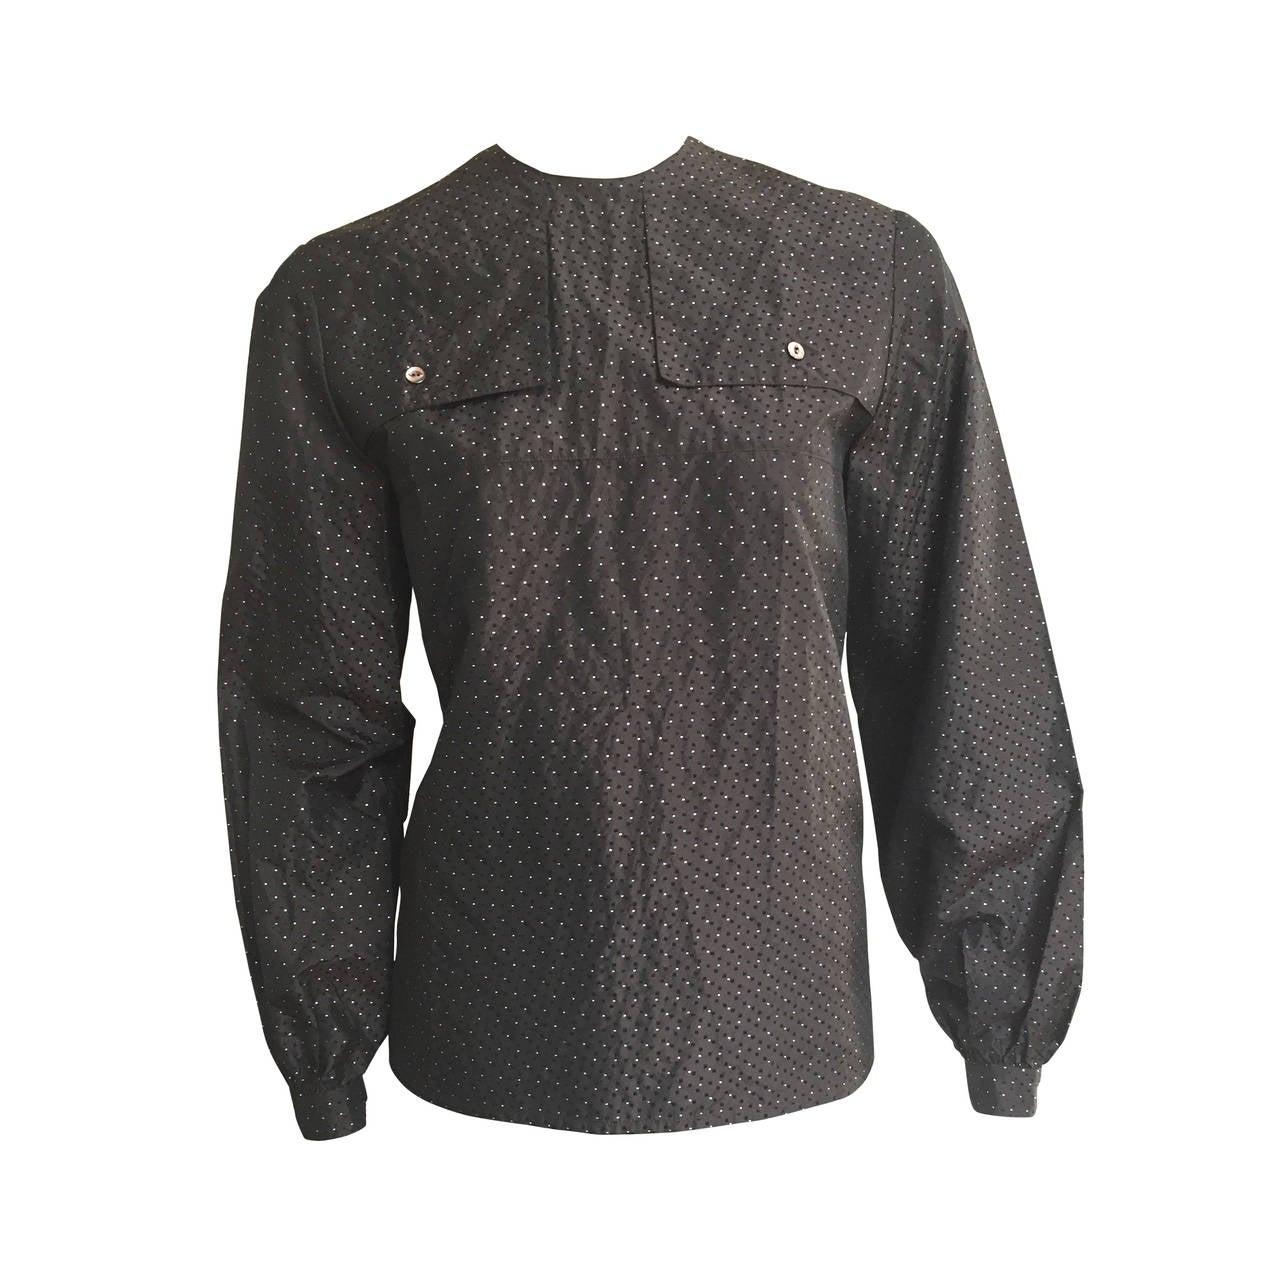 Ferragamo Brown Silk Blouse Size 6, 1980s